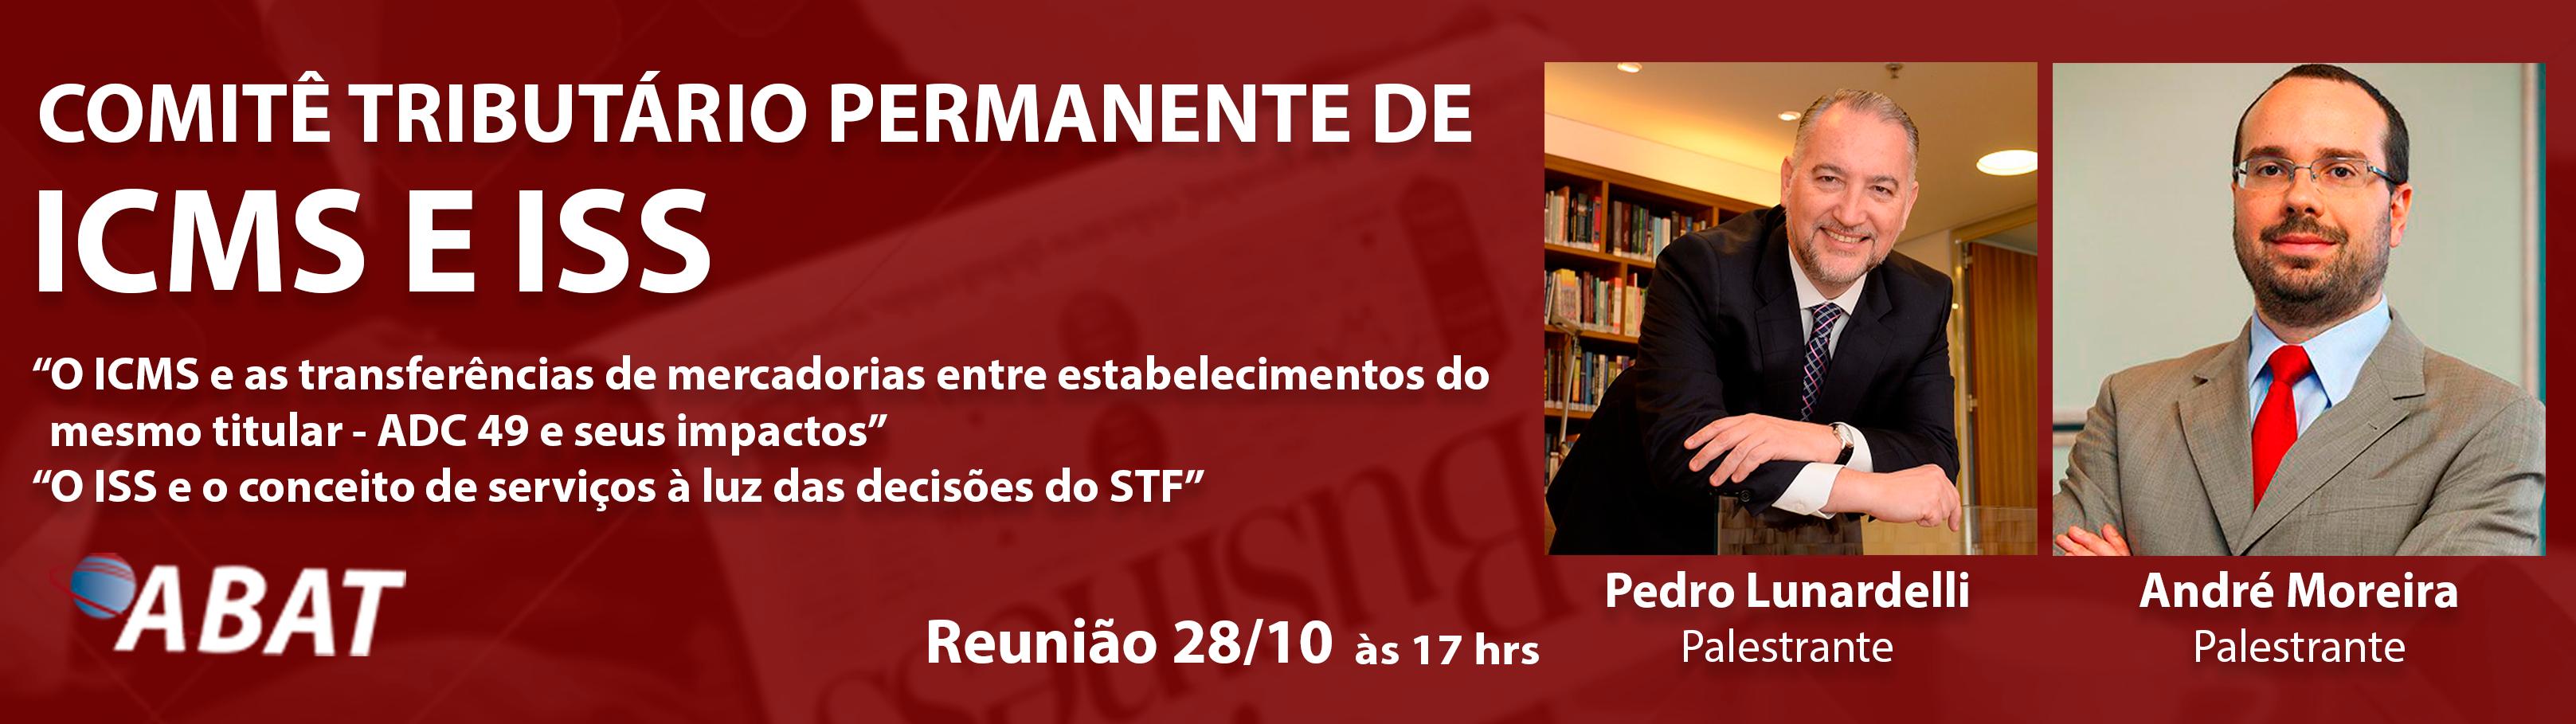 BANNER-HOME-COMITÊ-TRIBUTÁRIO-PERMANENTE-DE-ICMS-E-ISS-14.10-1-1